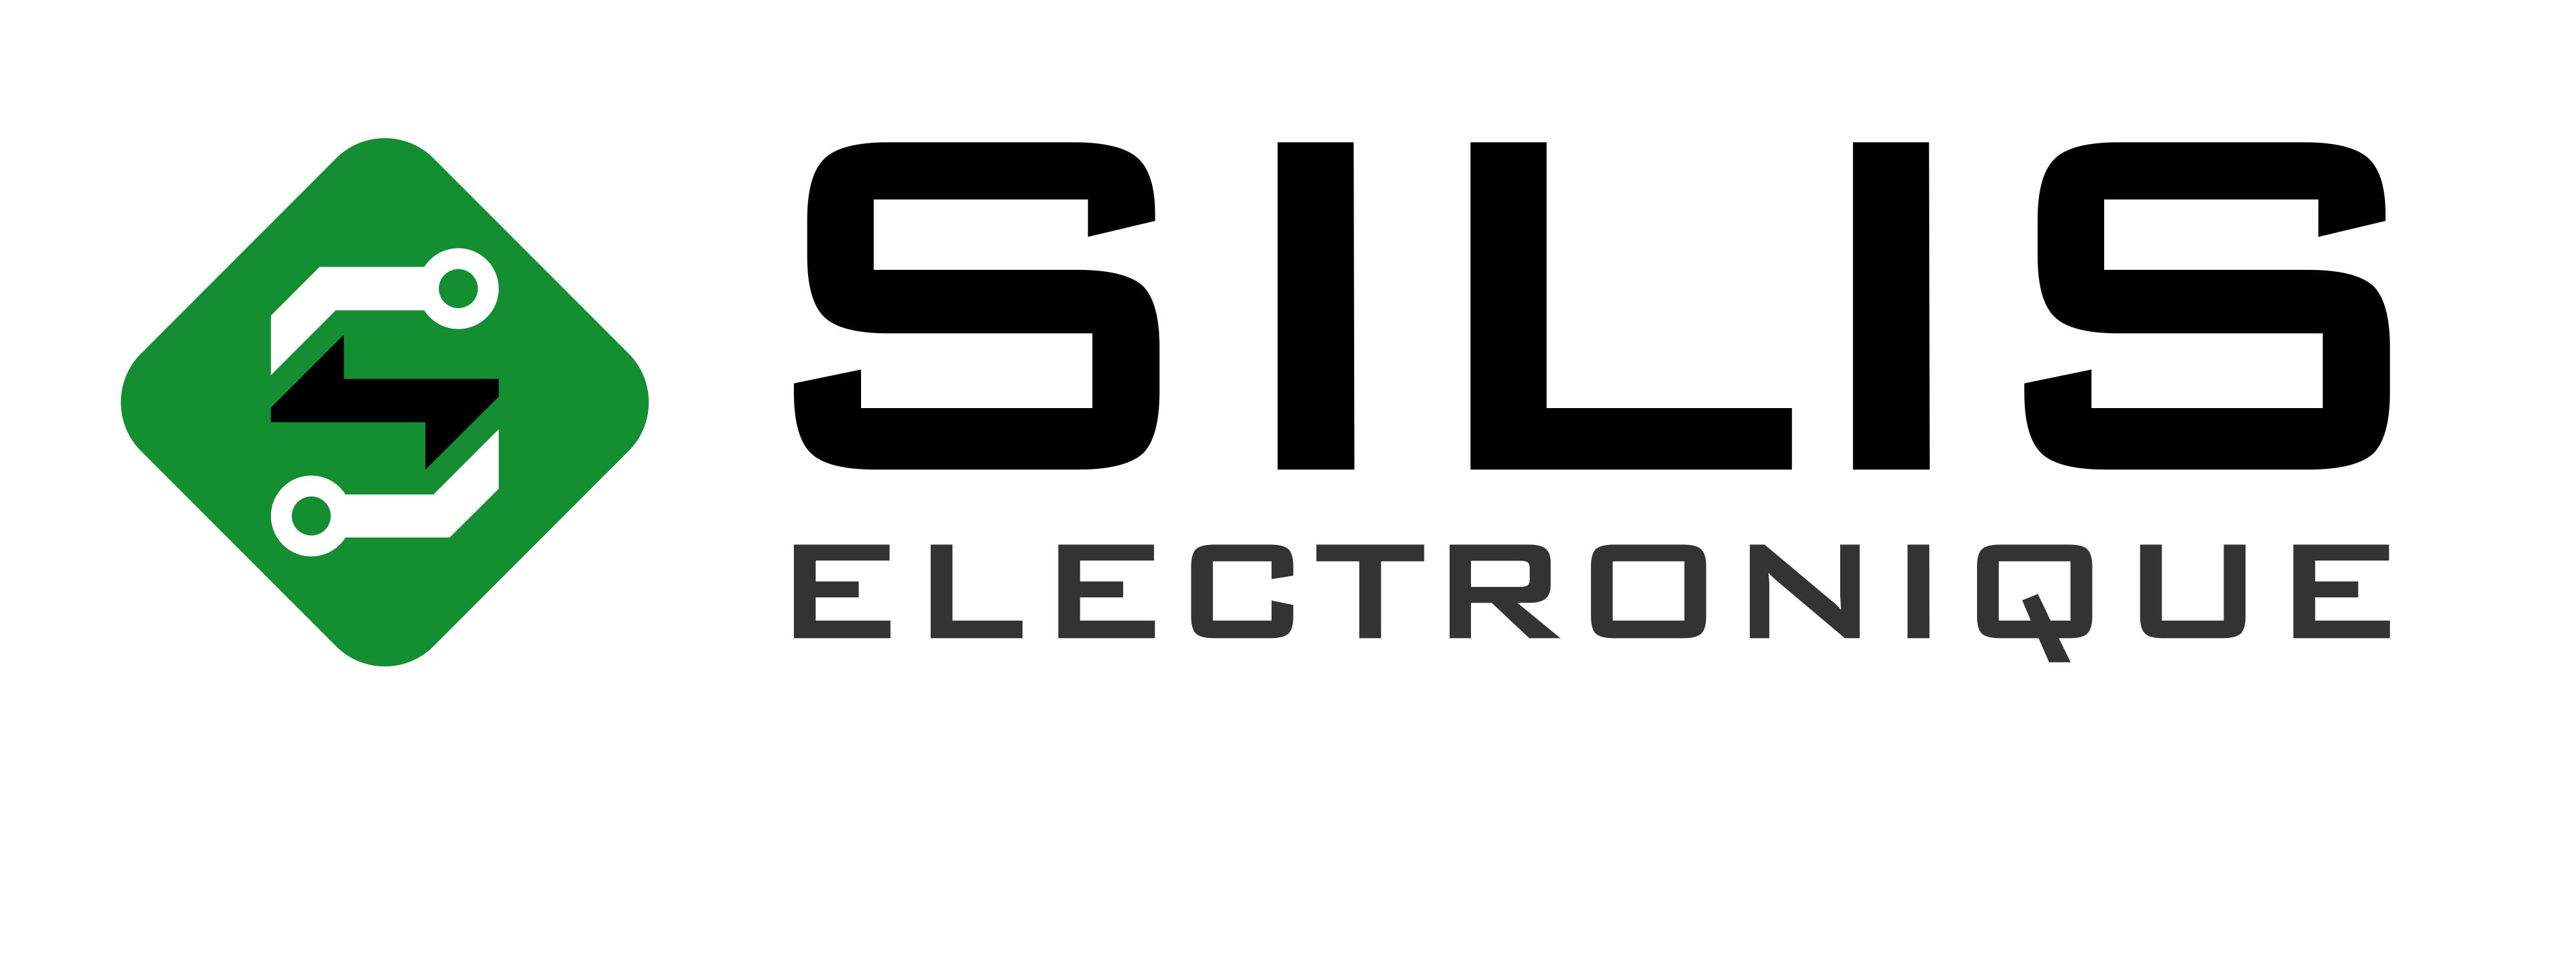 Sécurité, confort et technologie électronique